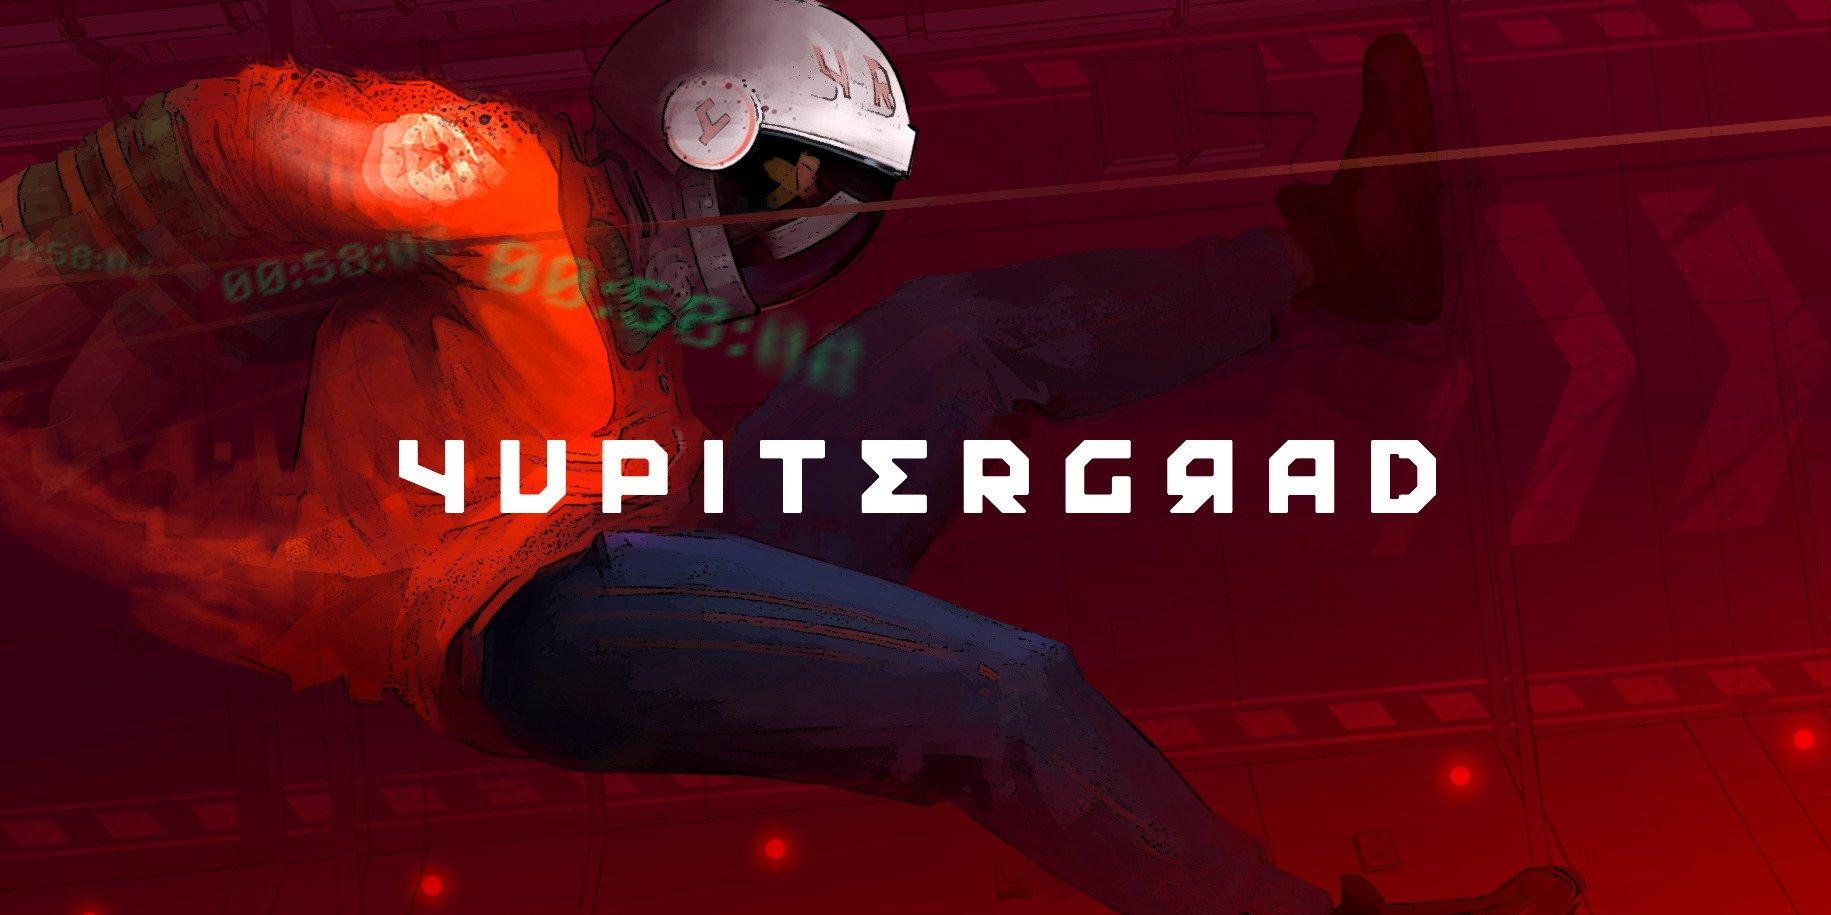 Готовьте ваши контроллеры PS Move - космическая одиссея Yupitergrad выходит на PSVR 25 февраля!